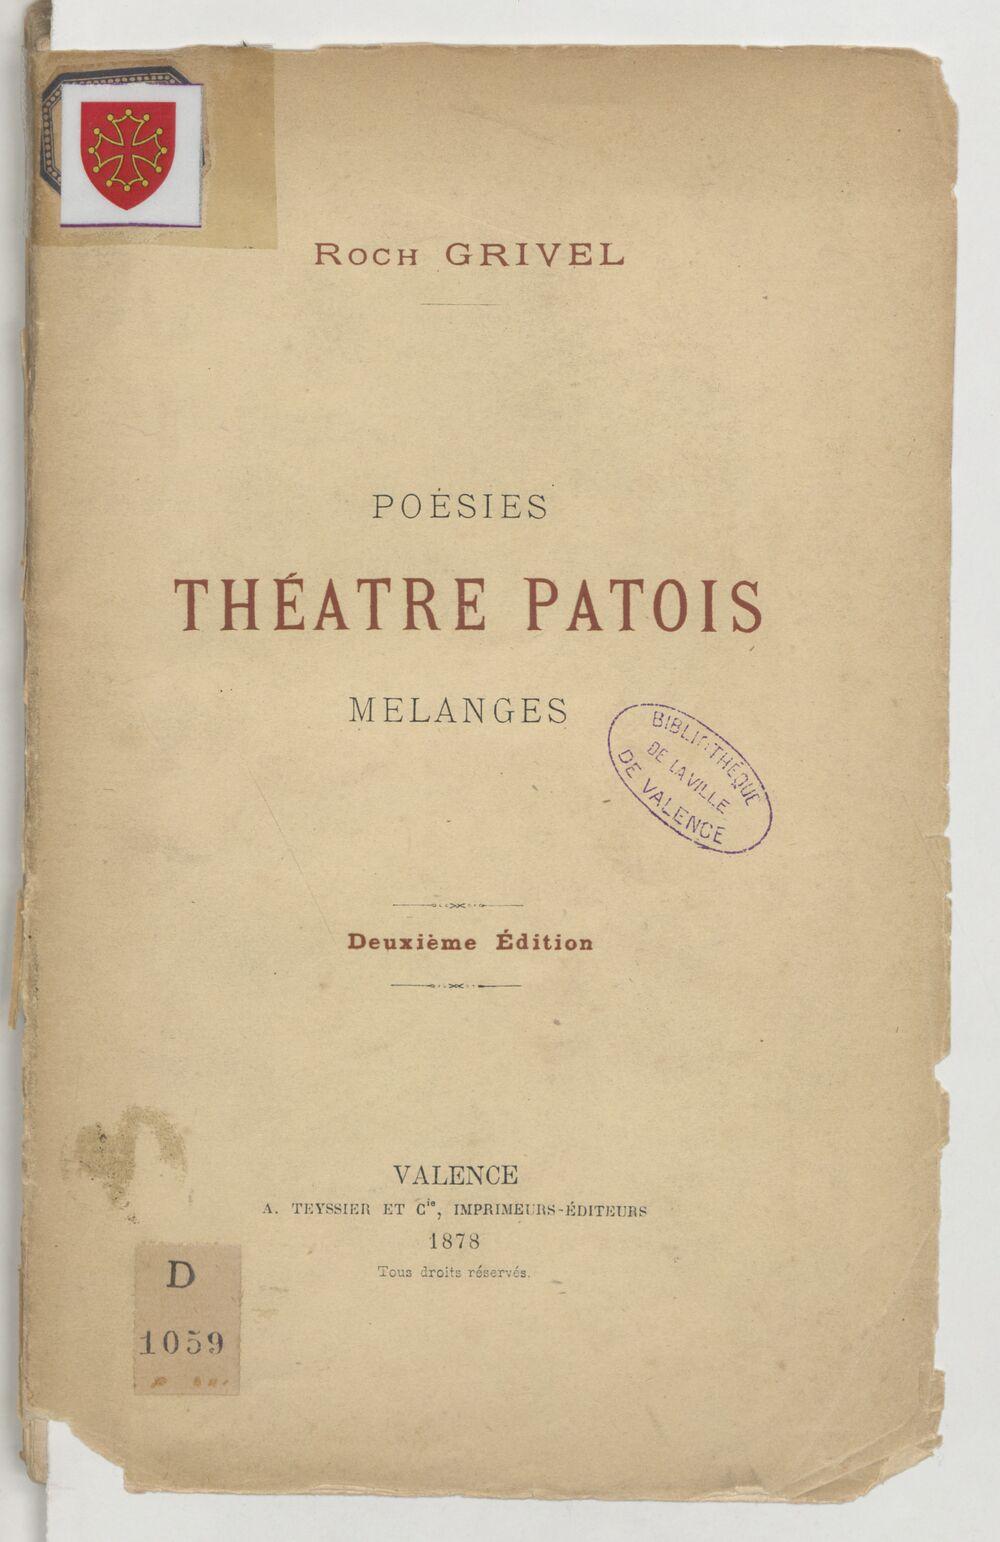 Poésies. Théâtre patois. Mélanges. 2e édition / Roch Grivel